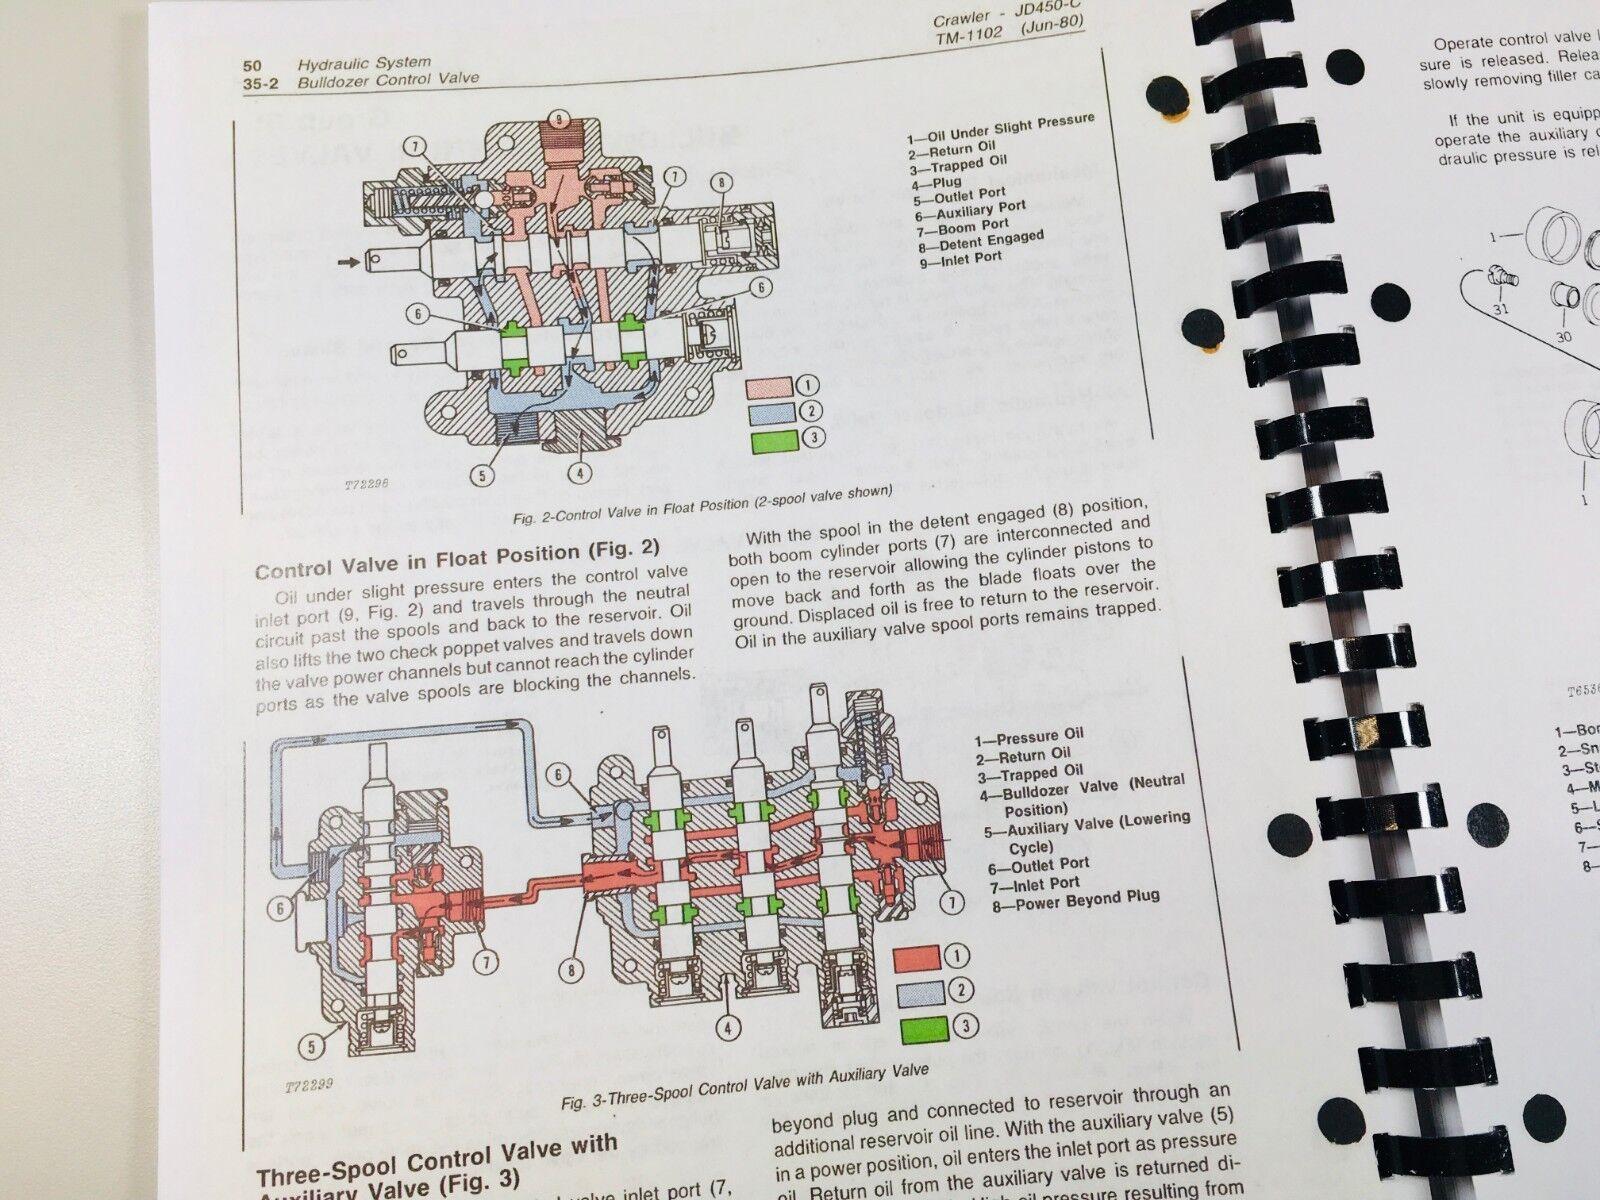 John Deere 450C Crawler Tractor Loader Dozer Bulldozer Service Repair Manual